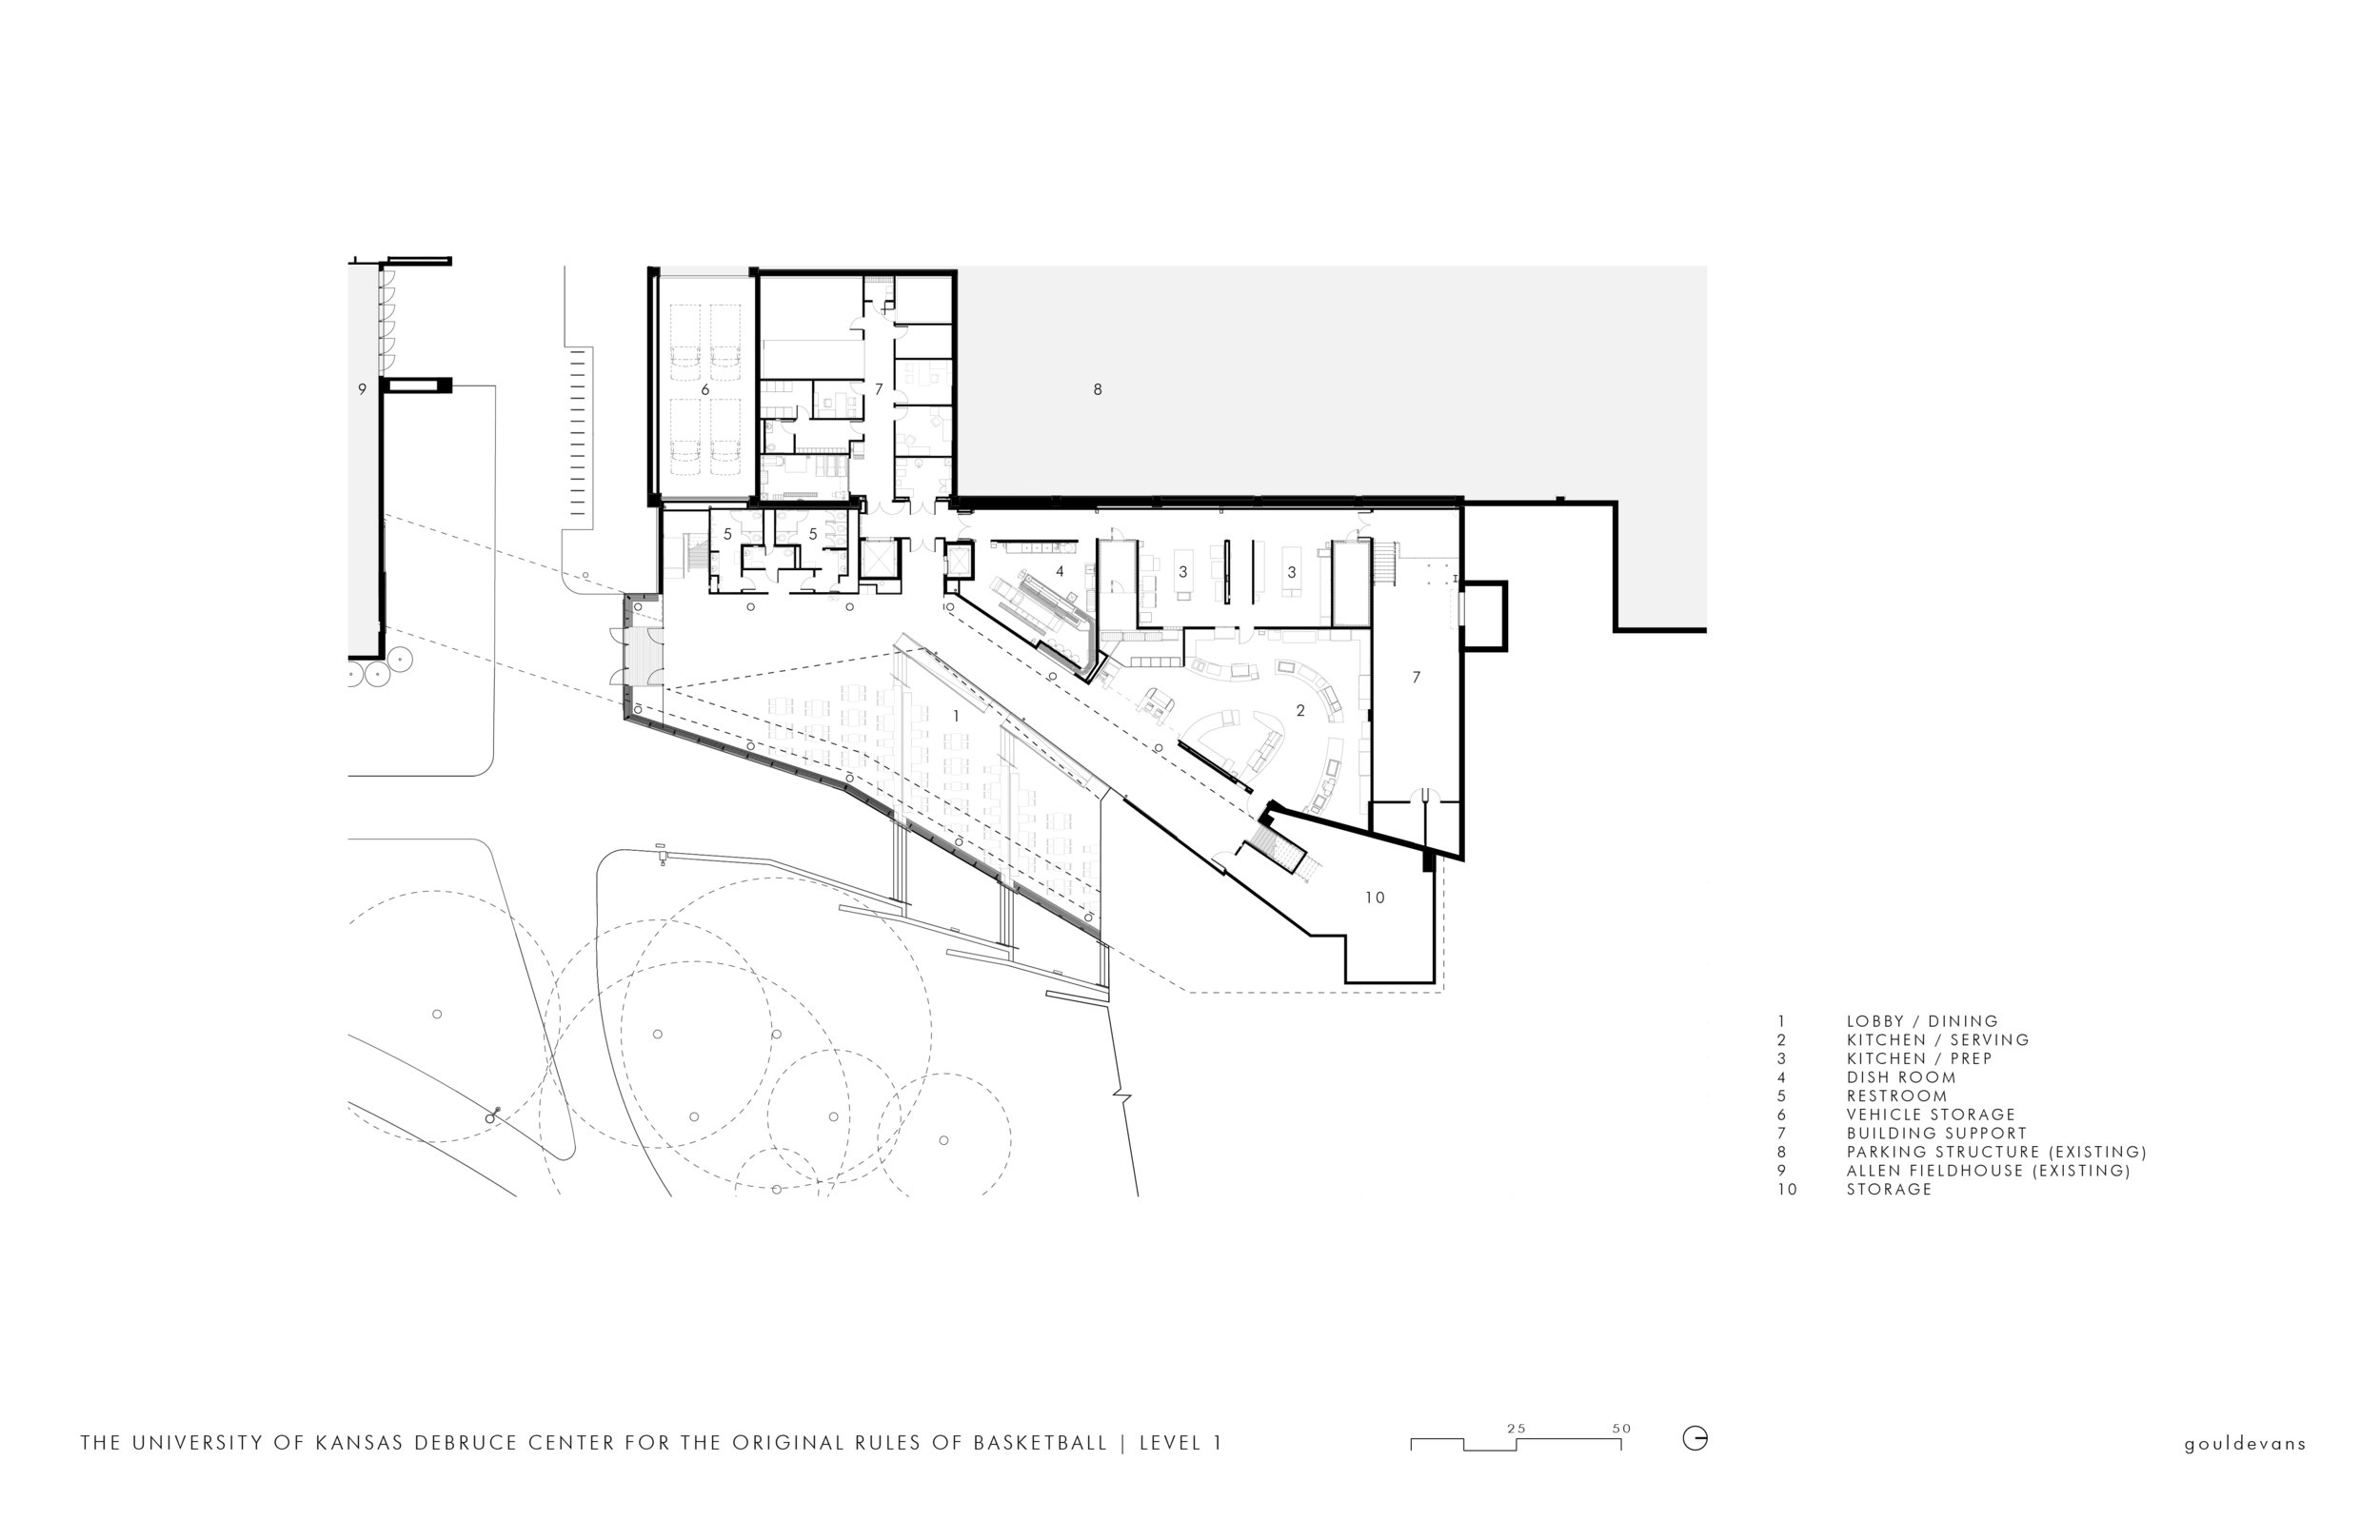 KUNR_Floor_Plans_Level_1.jpg